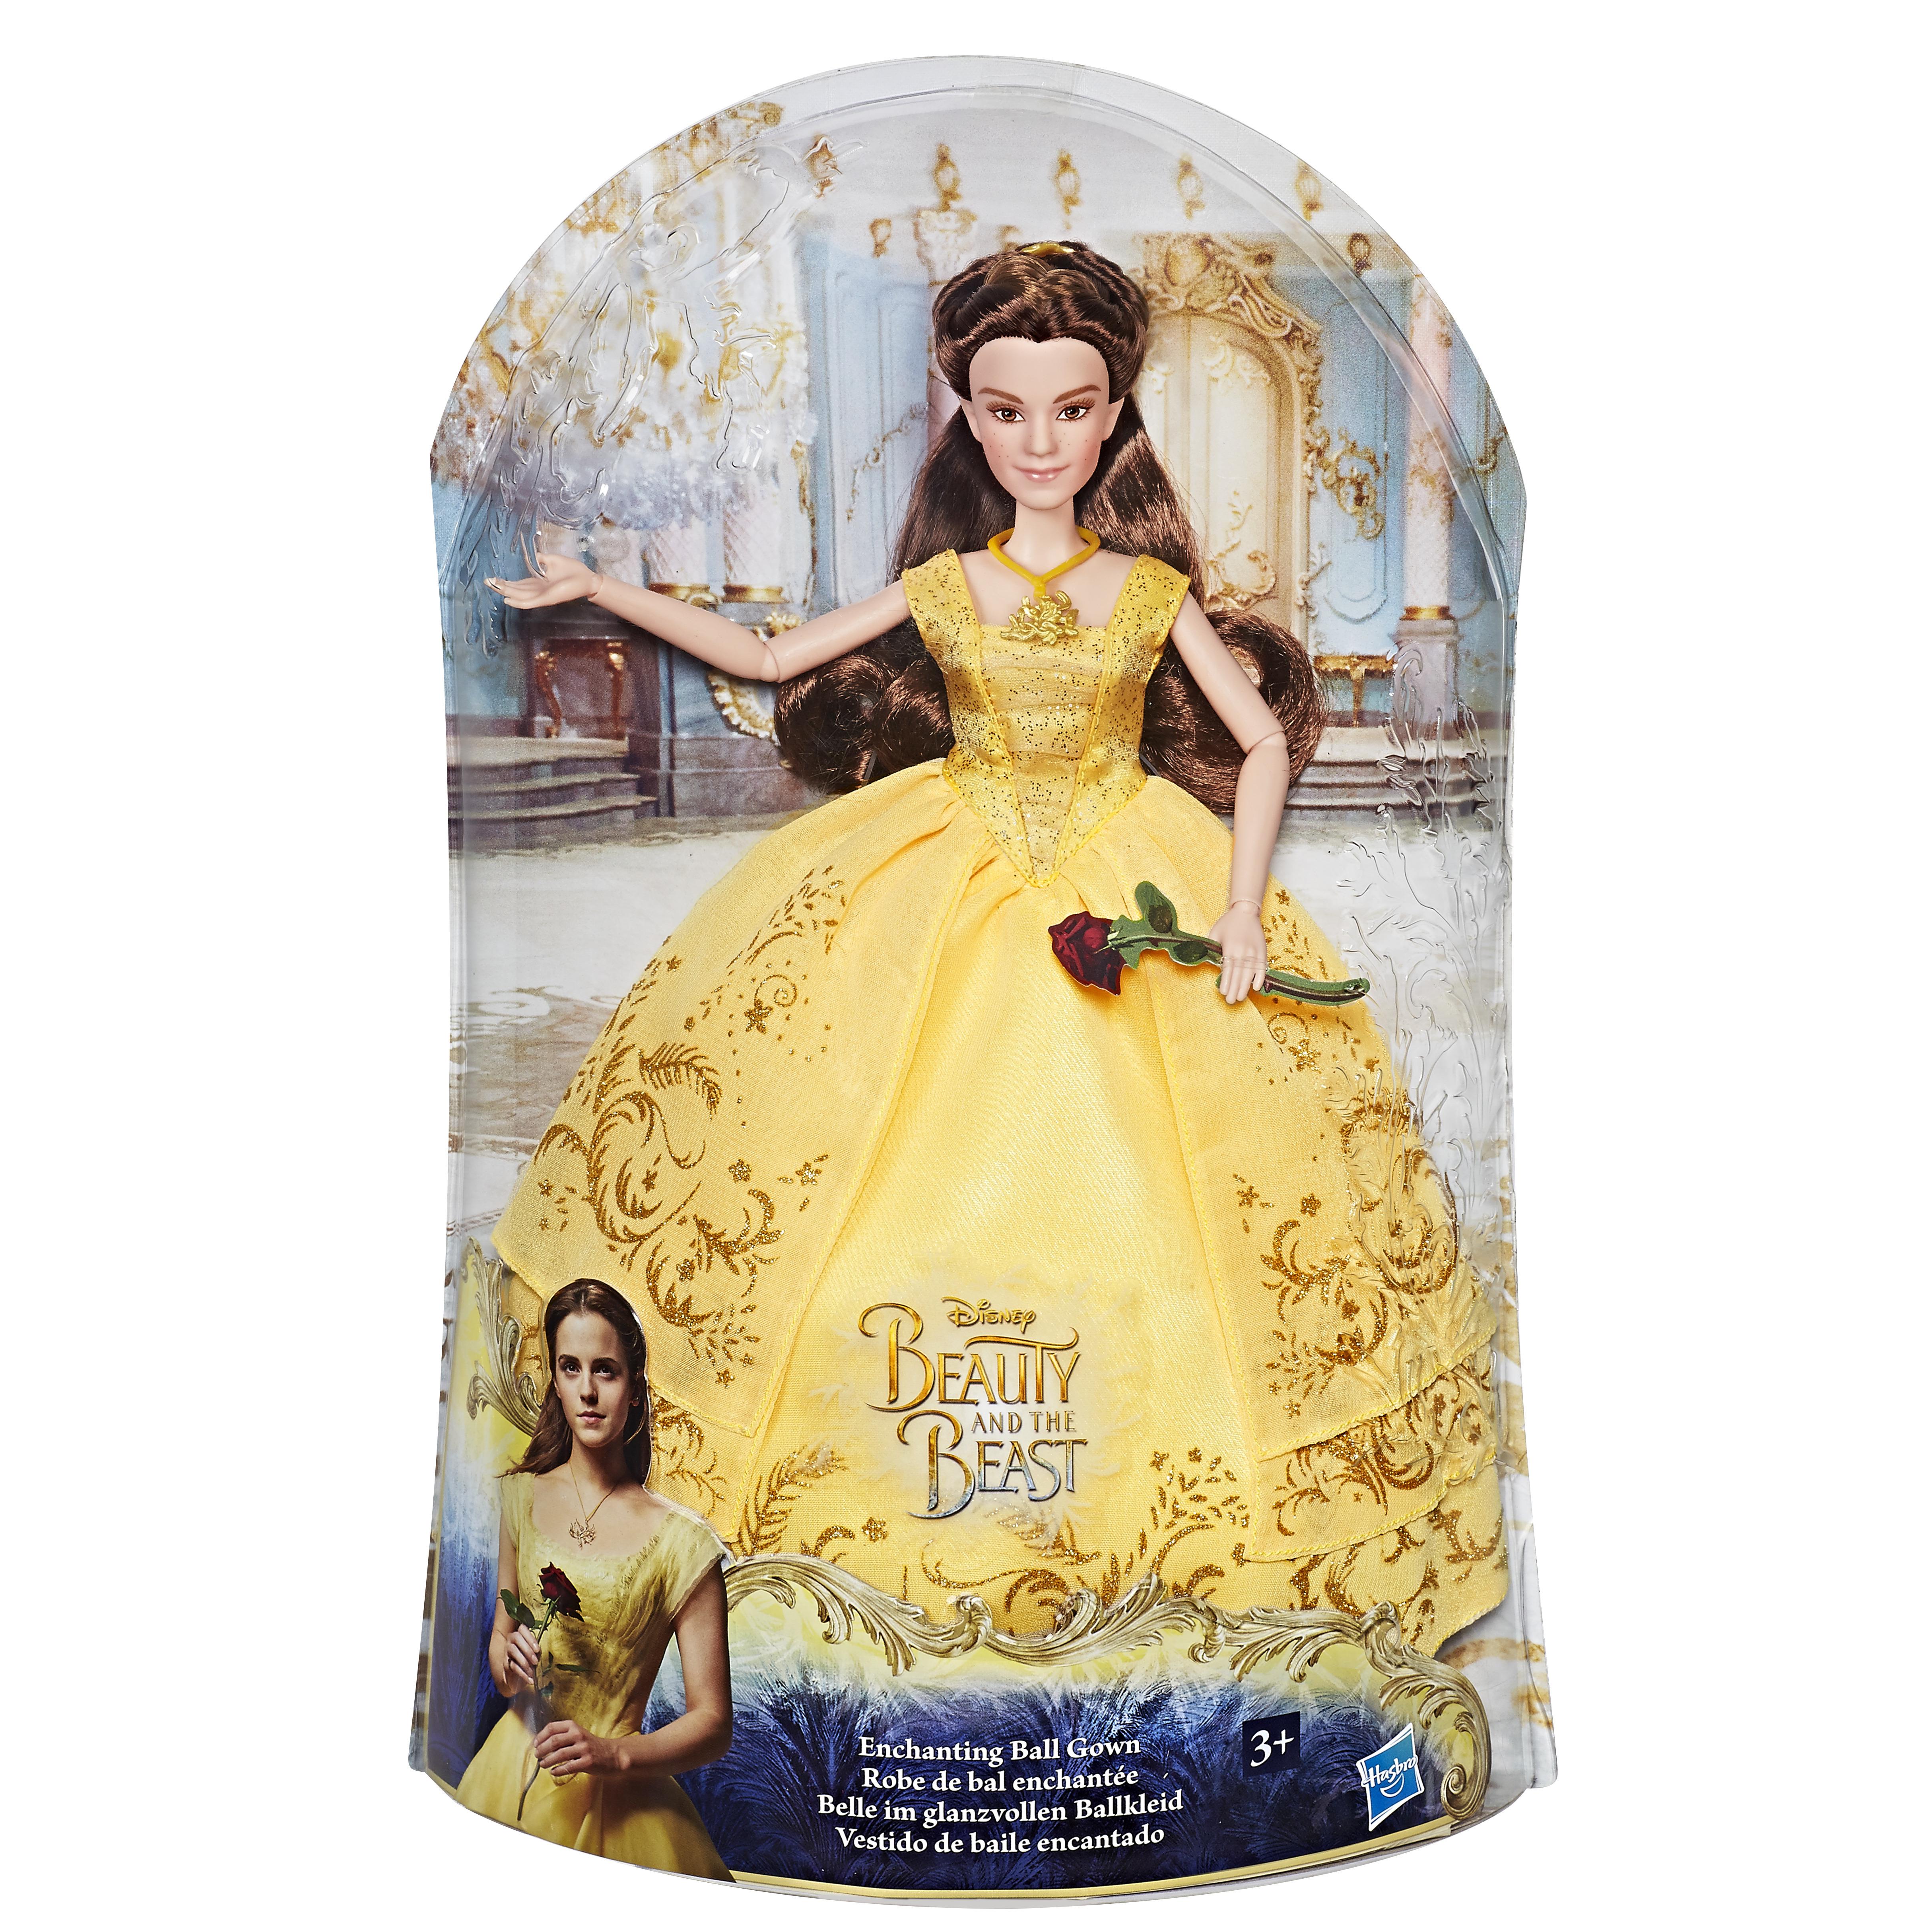 Aide Belle à se préparer et être parfaite pour le bal somptueux avec la  Bête qui l attend ! e797383ce32e